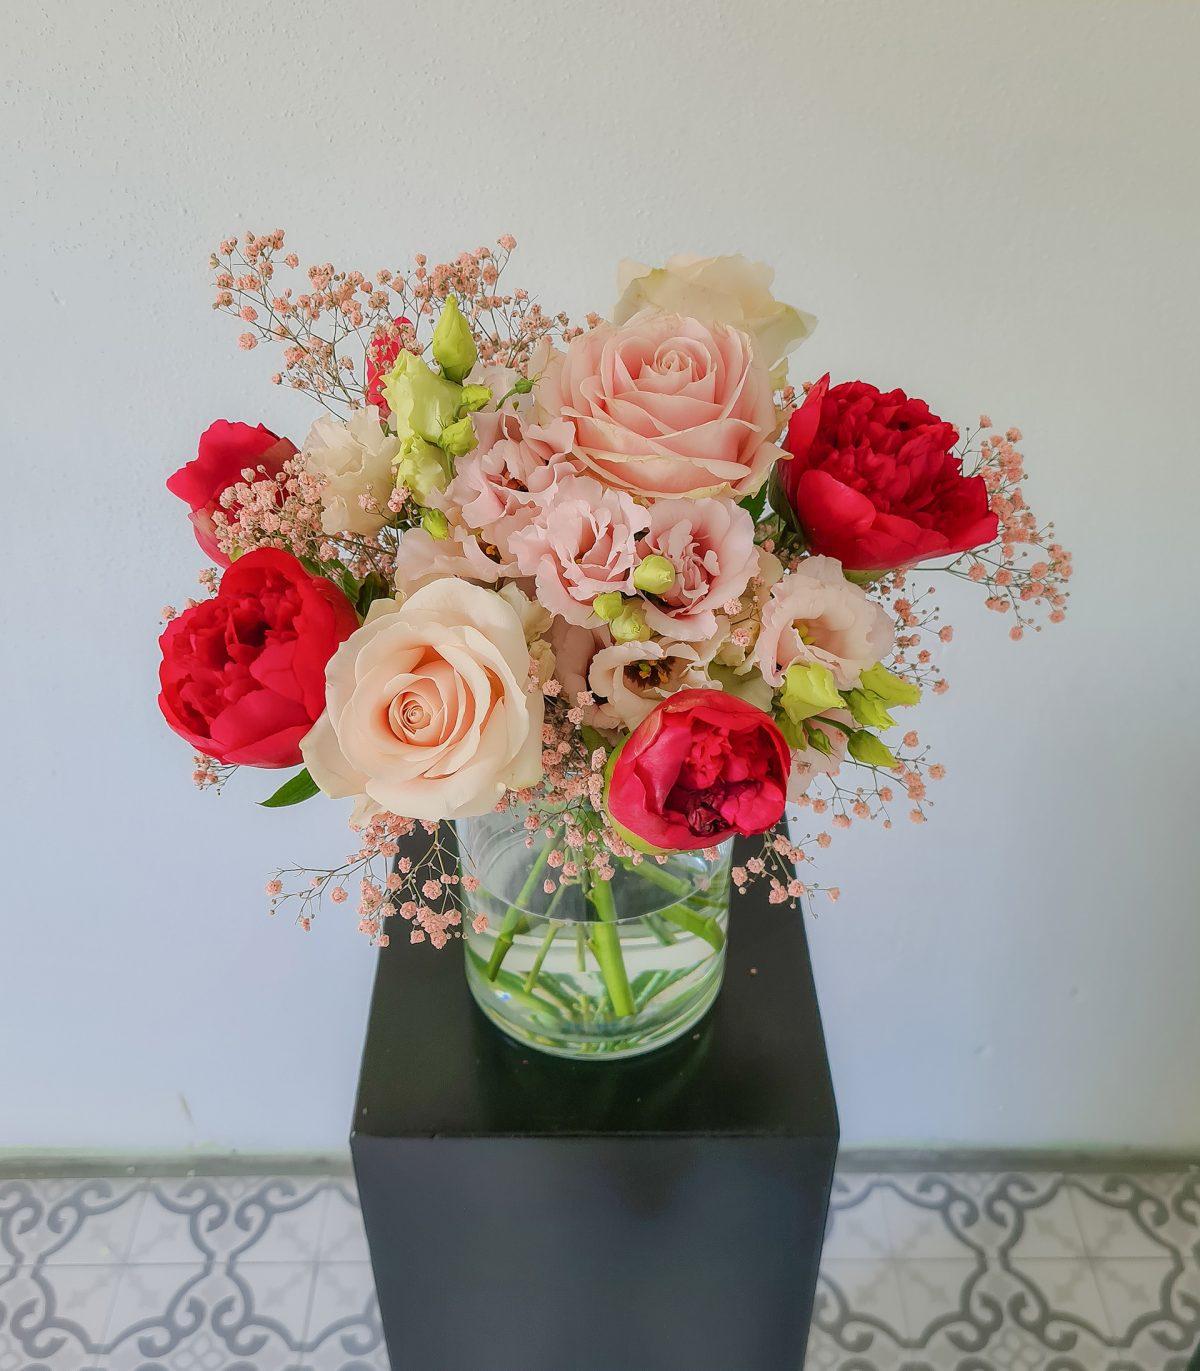 Muttertagsstrauß mit Rosen, Pfingstrosen und Schleierkraut